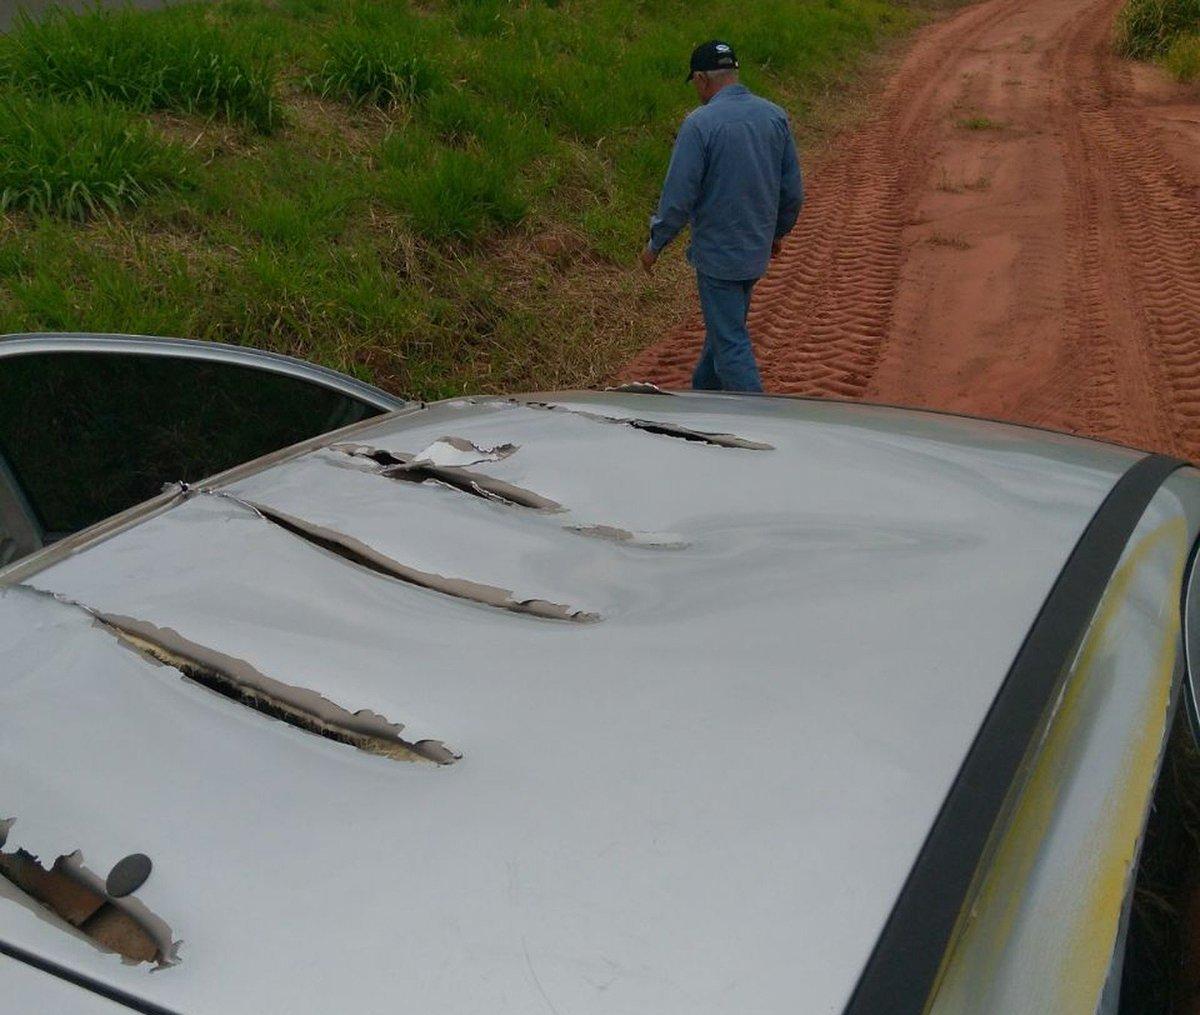 Avião agrícola faz rasante sobre carro e 'rasga' lataria de carro no interior de SP https://t.co/Qw2L1t1jkk